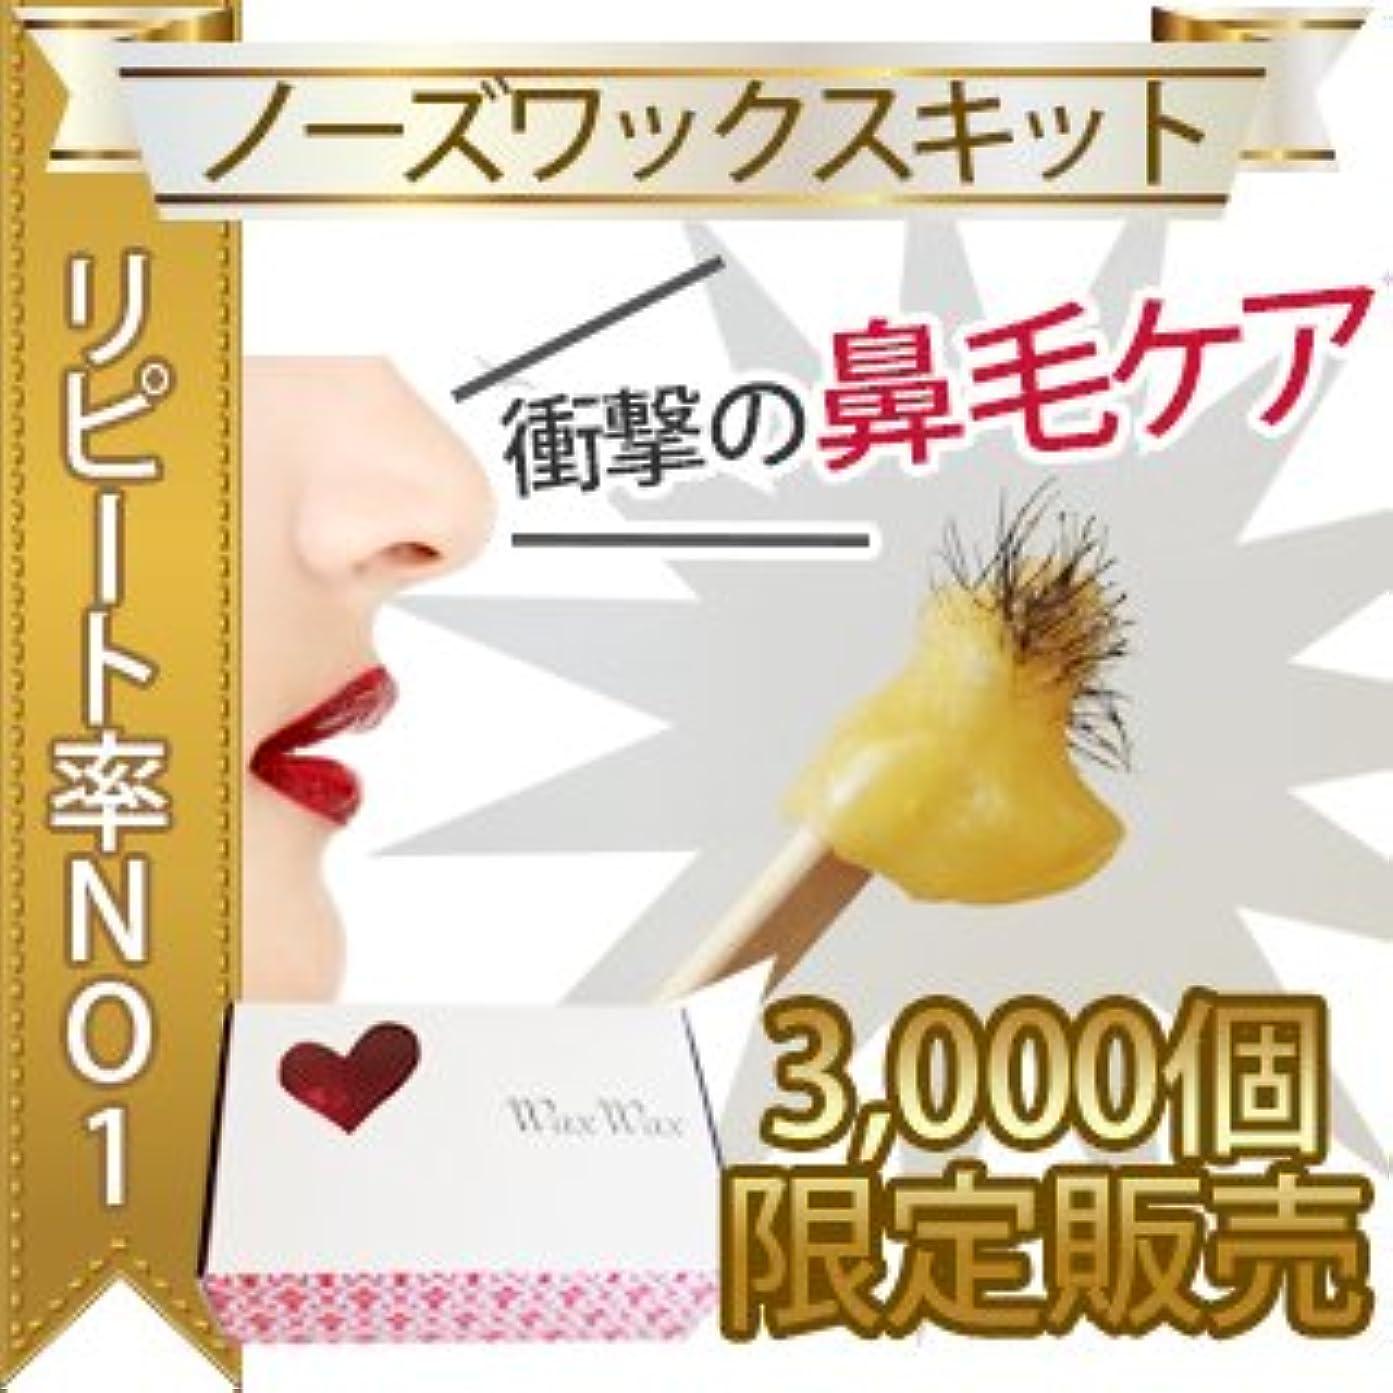 記憶深める生理【3000個限定】鼻毛キット 約3回分 ノーズキット セルフ用